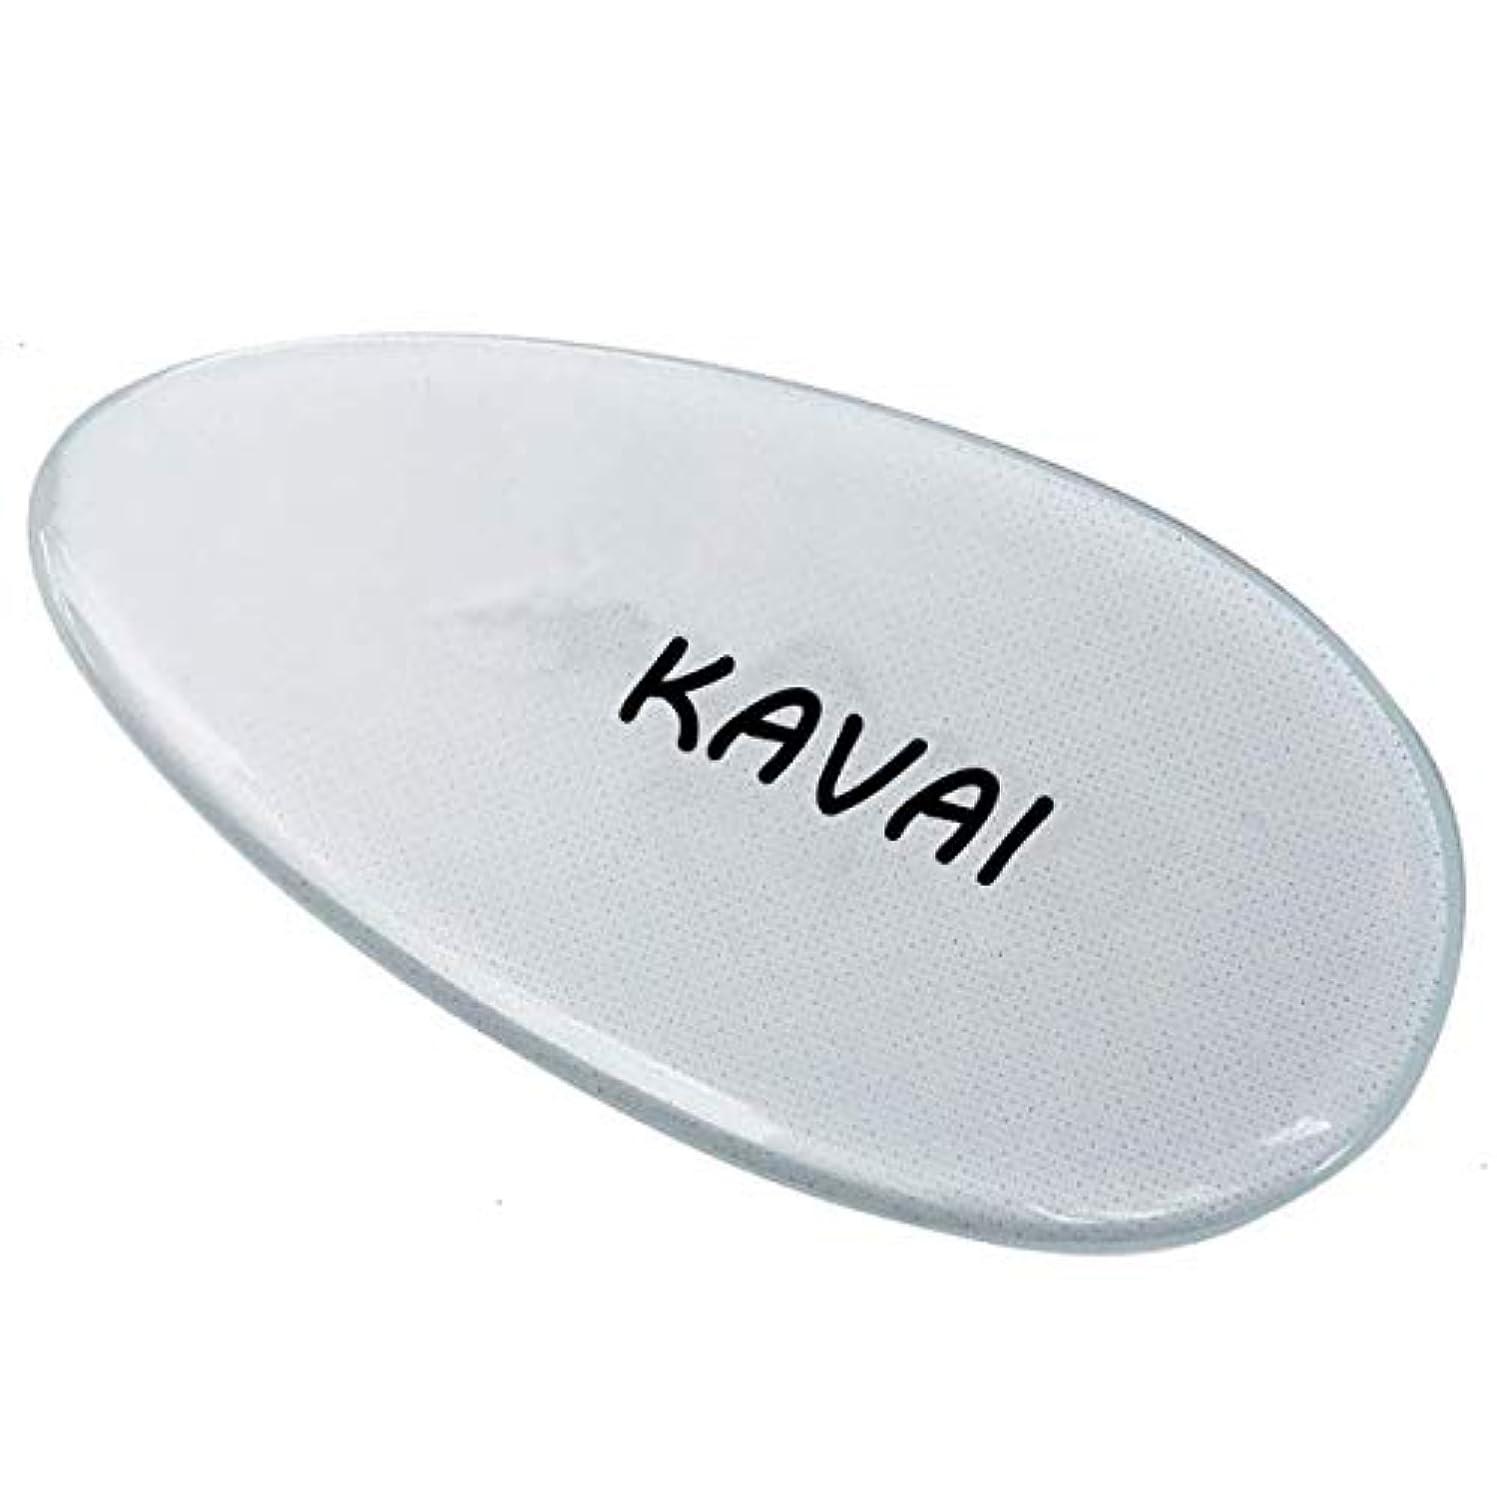 試み包帯理論的Kavai かかと削り, かかと 角質取り ガラス, ガラス製かかとやすり 足 かかと削り かかと削り かかと磨き ガラス製 爪やすり (かかと削り)